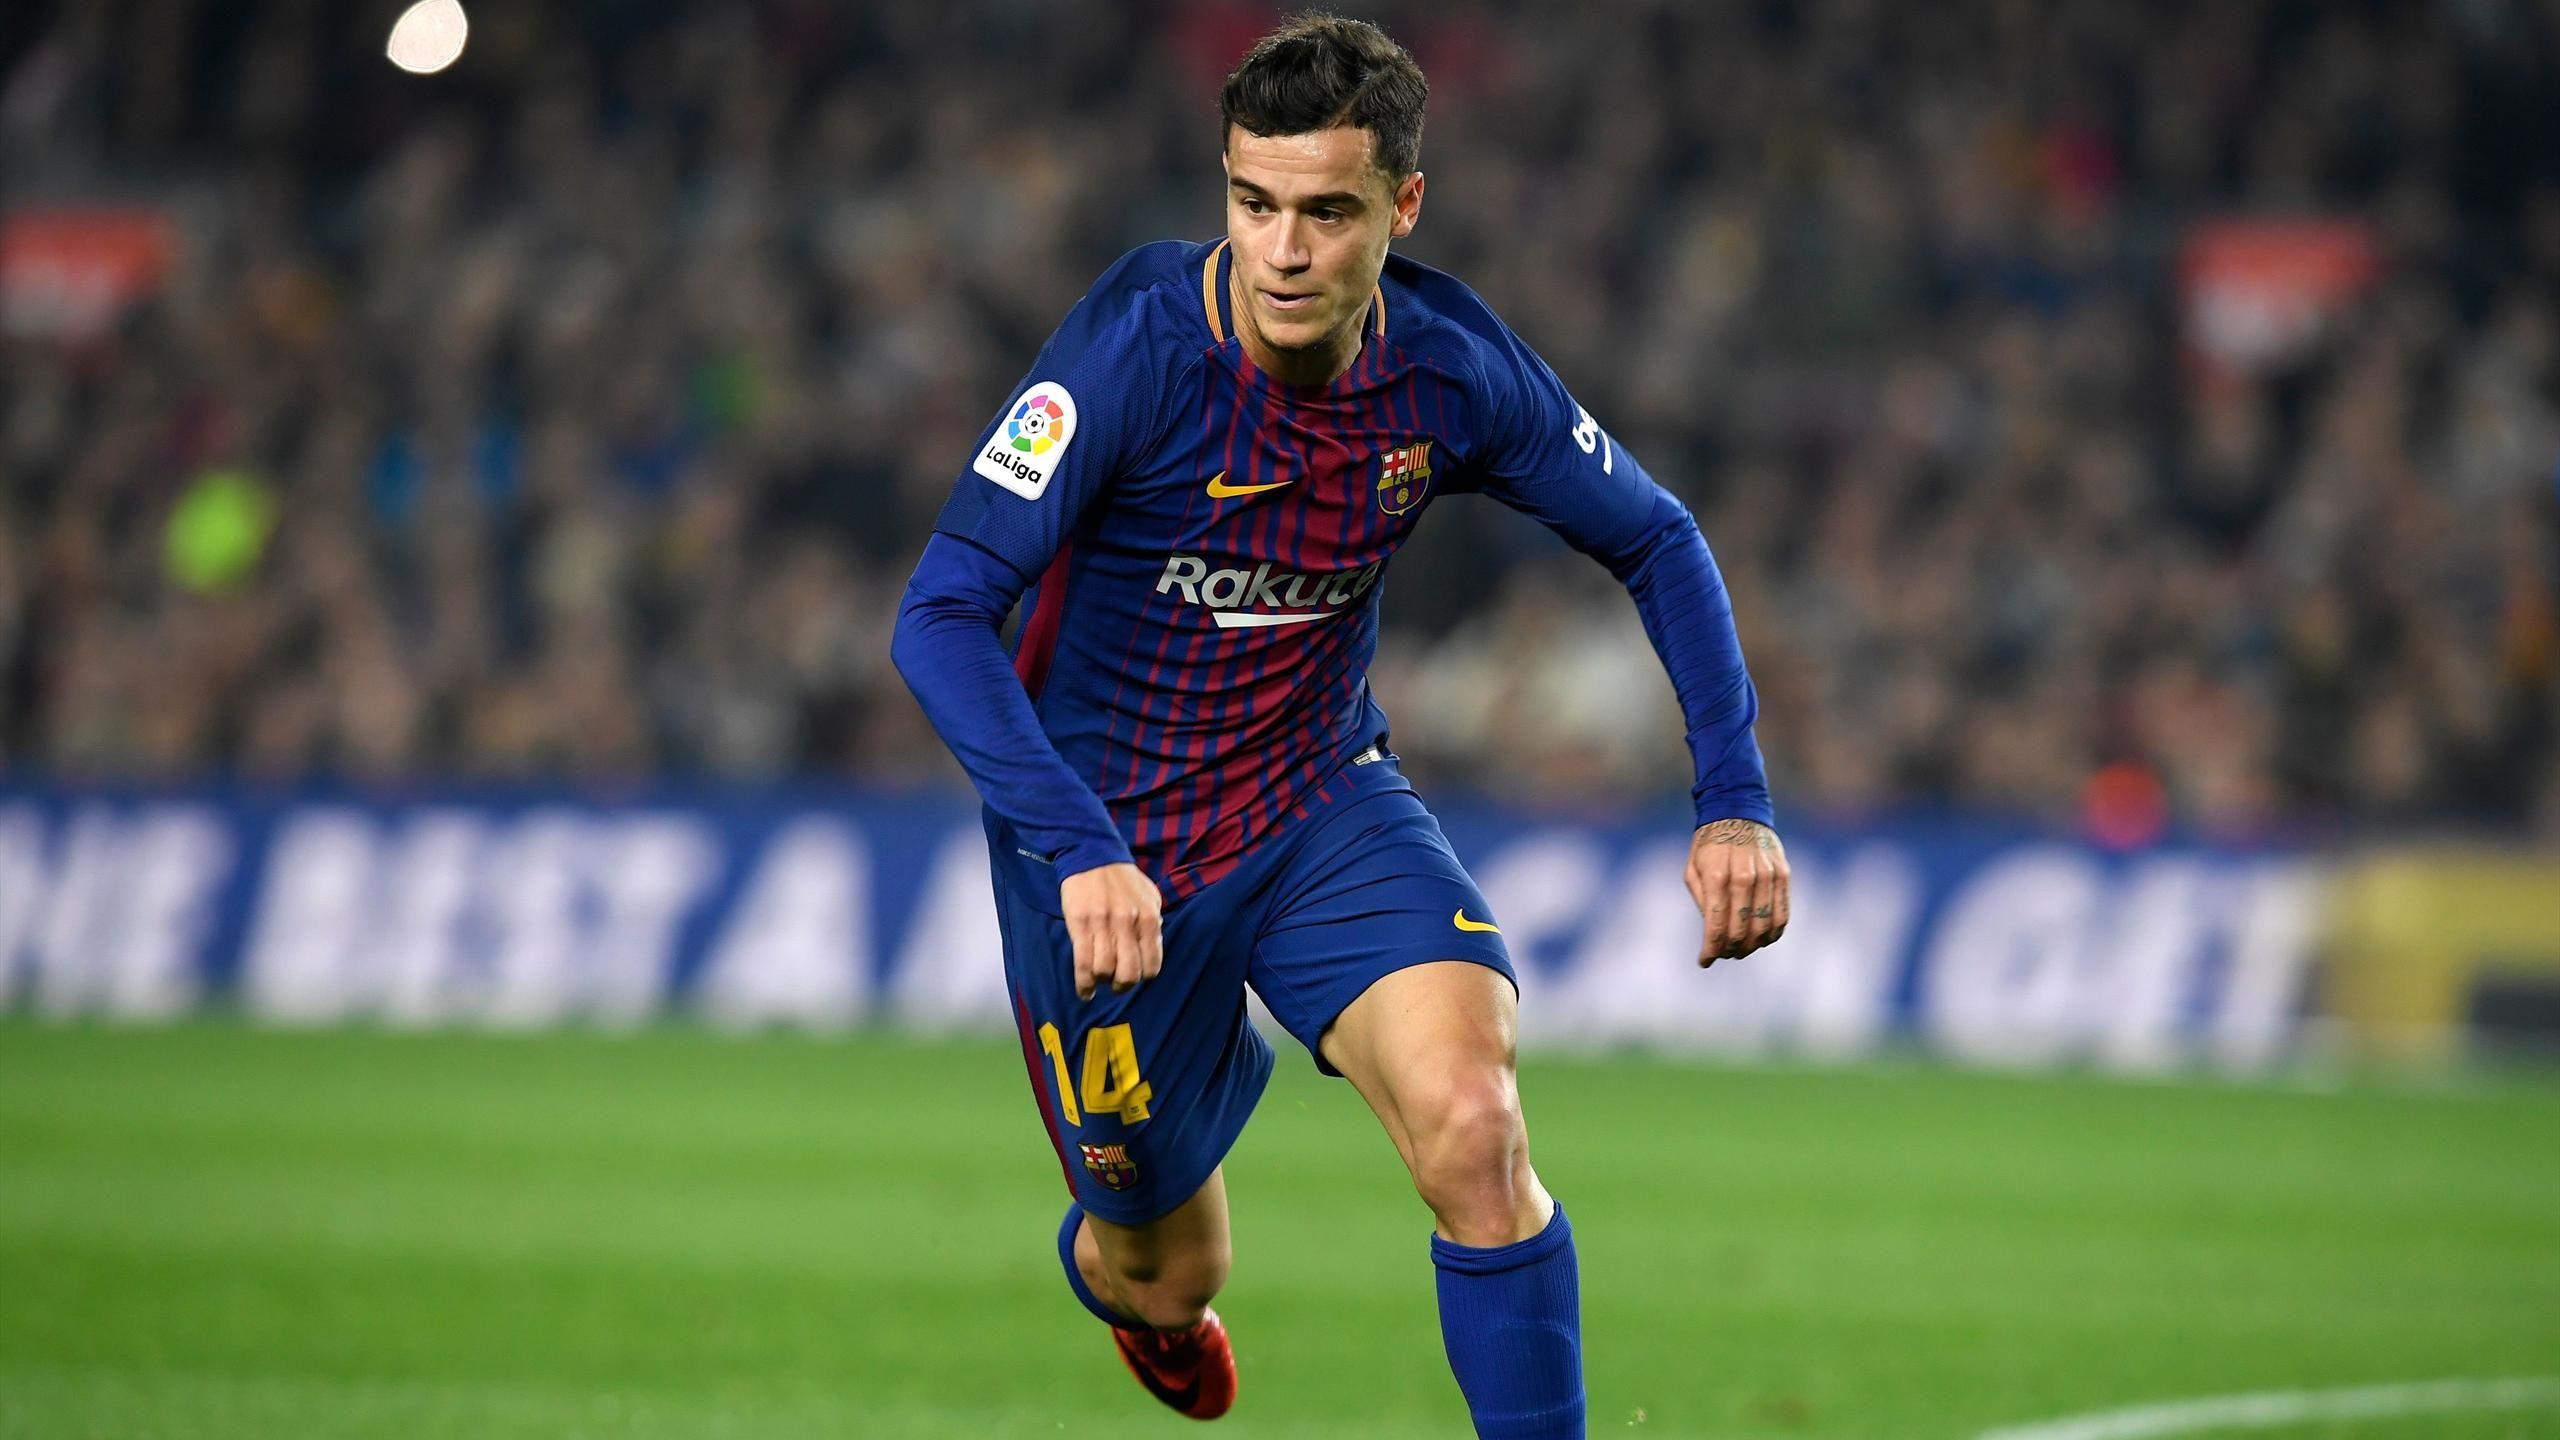 Liga (En direct): suivez le match Barça-Alaves - H24info